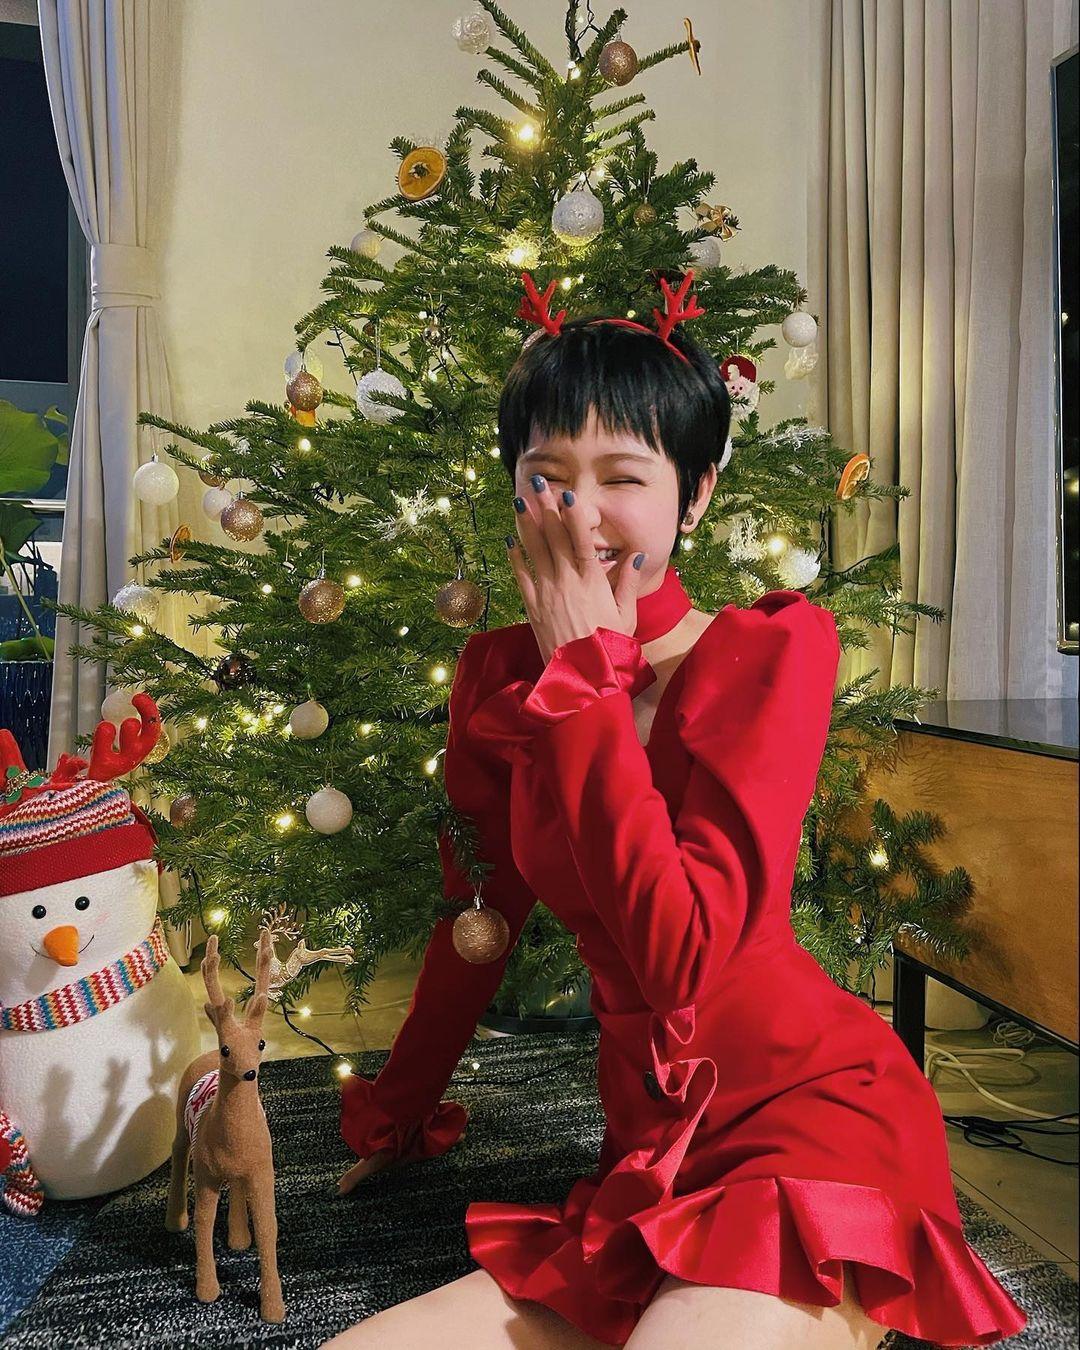 """Dàn sao Vbiz lên đồ tưng bừng đón Giáng Sinh: Vợ chồng BigDaddy và Emily tình tứ diện đồ đôi, thi """"phát cẩu lương"""" với ba mẹ bé Xoài - Ảnh 3."""